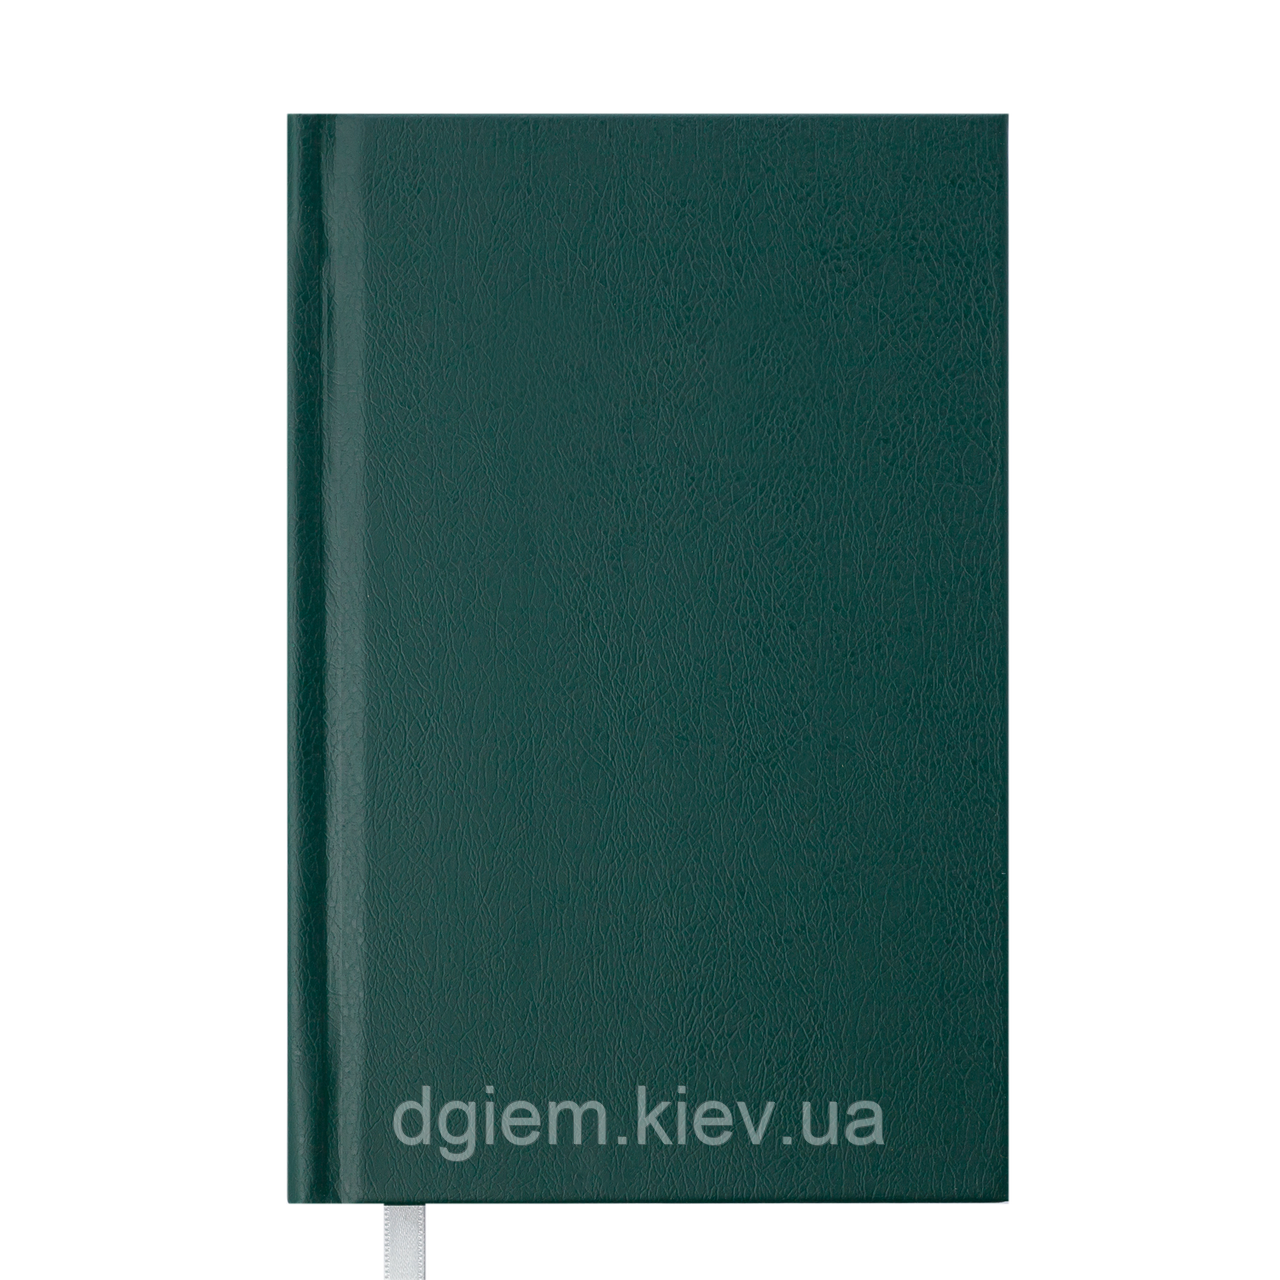 Щоденник недатований STRONG A6